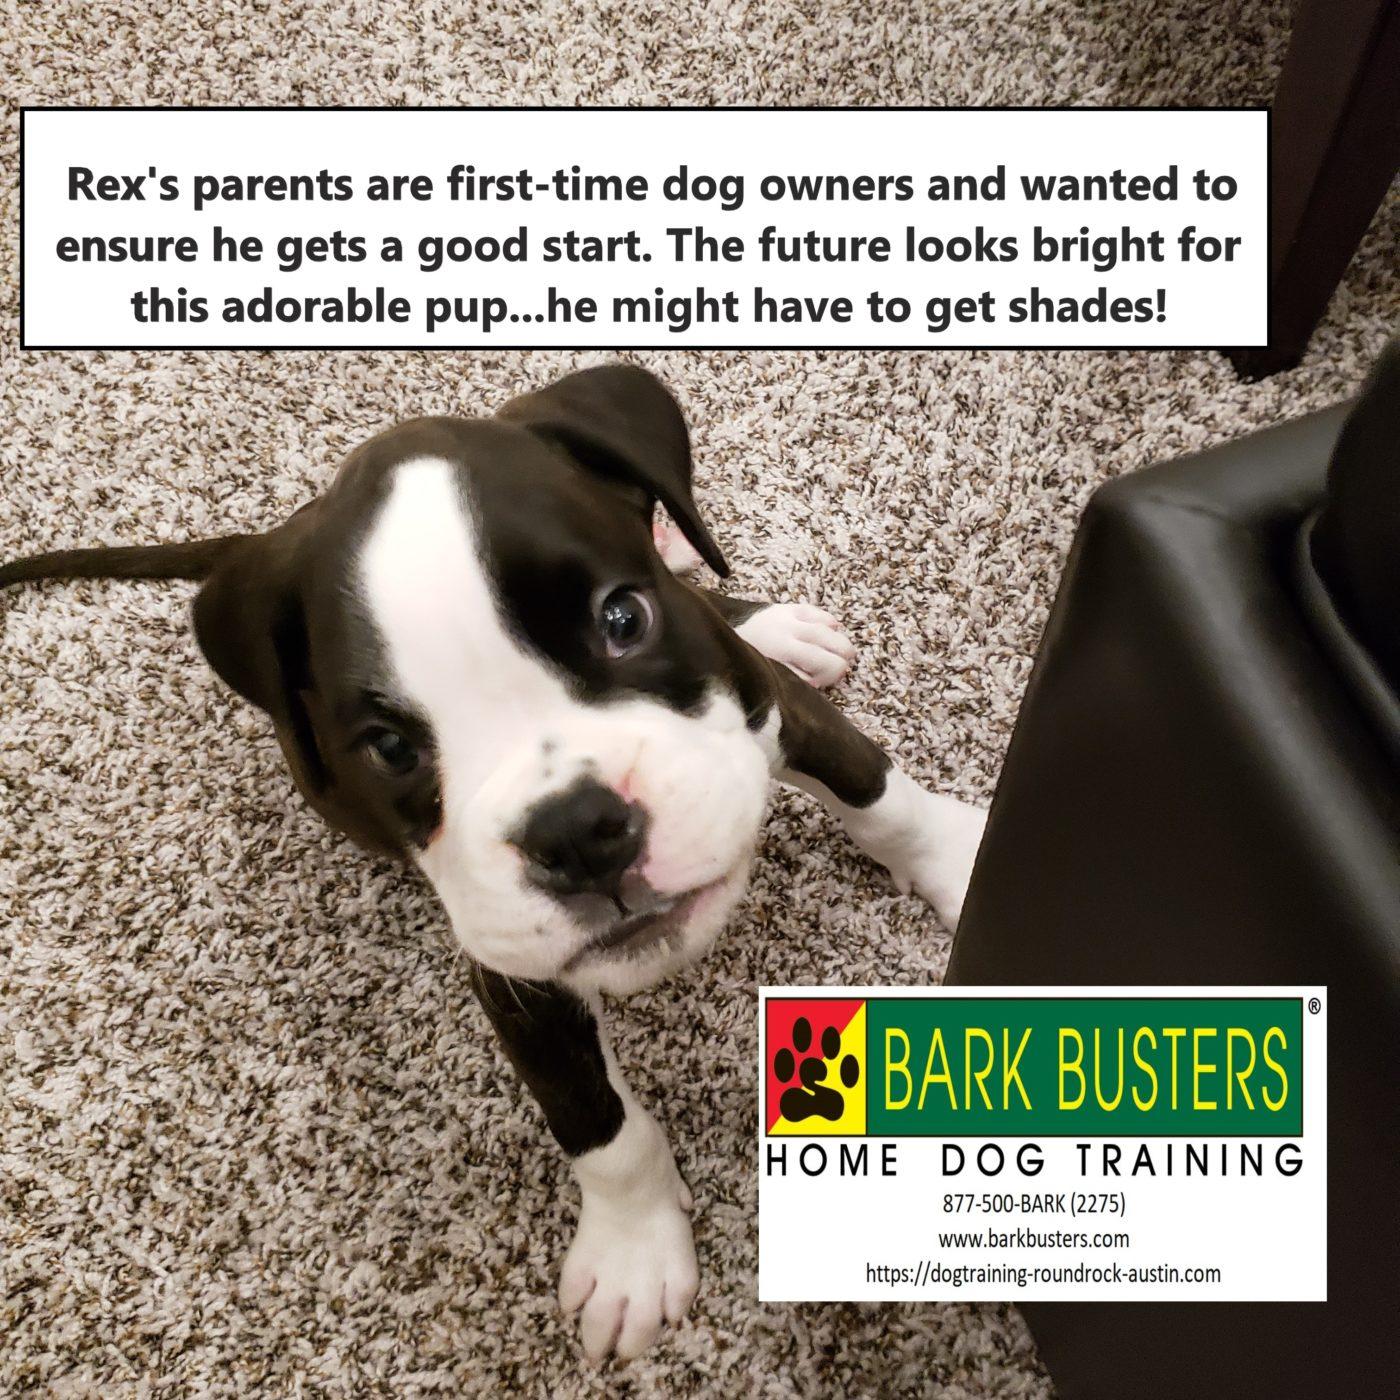 #boxertraining #dogsofbarkbusters #dogtraininggeorgetown #dogtrainingroundrock #speakingdog